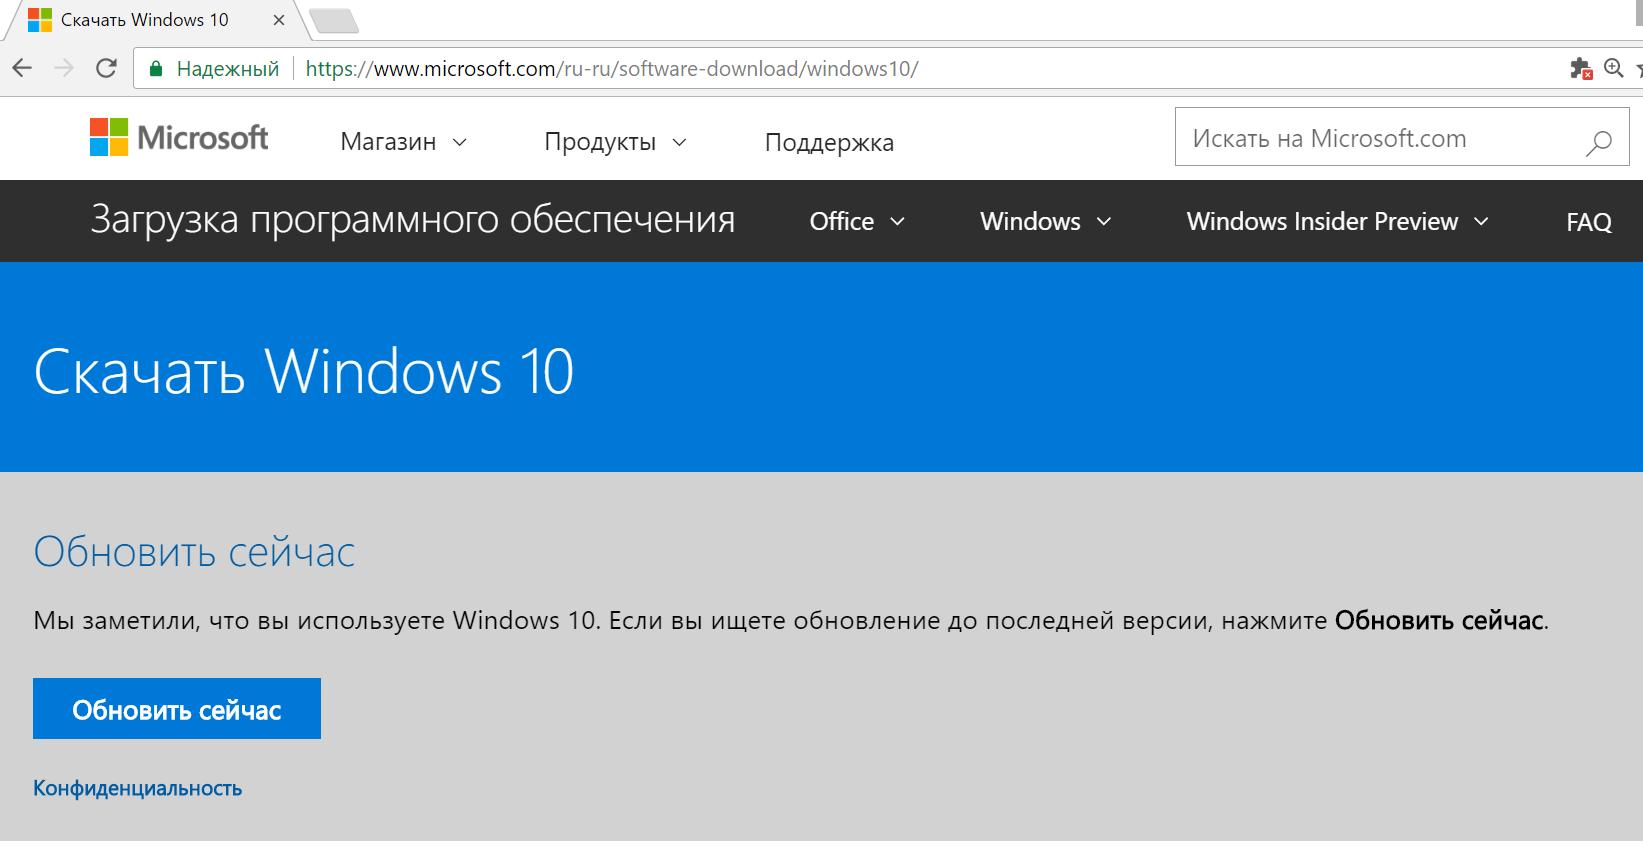 Загрузка программного обеспечения Windows 10